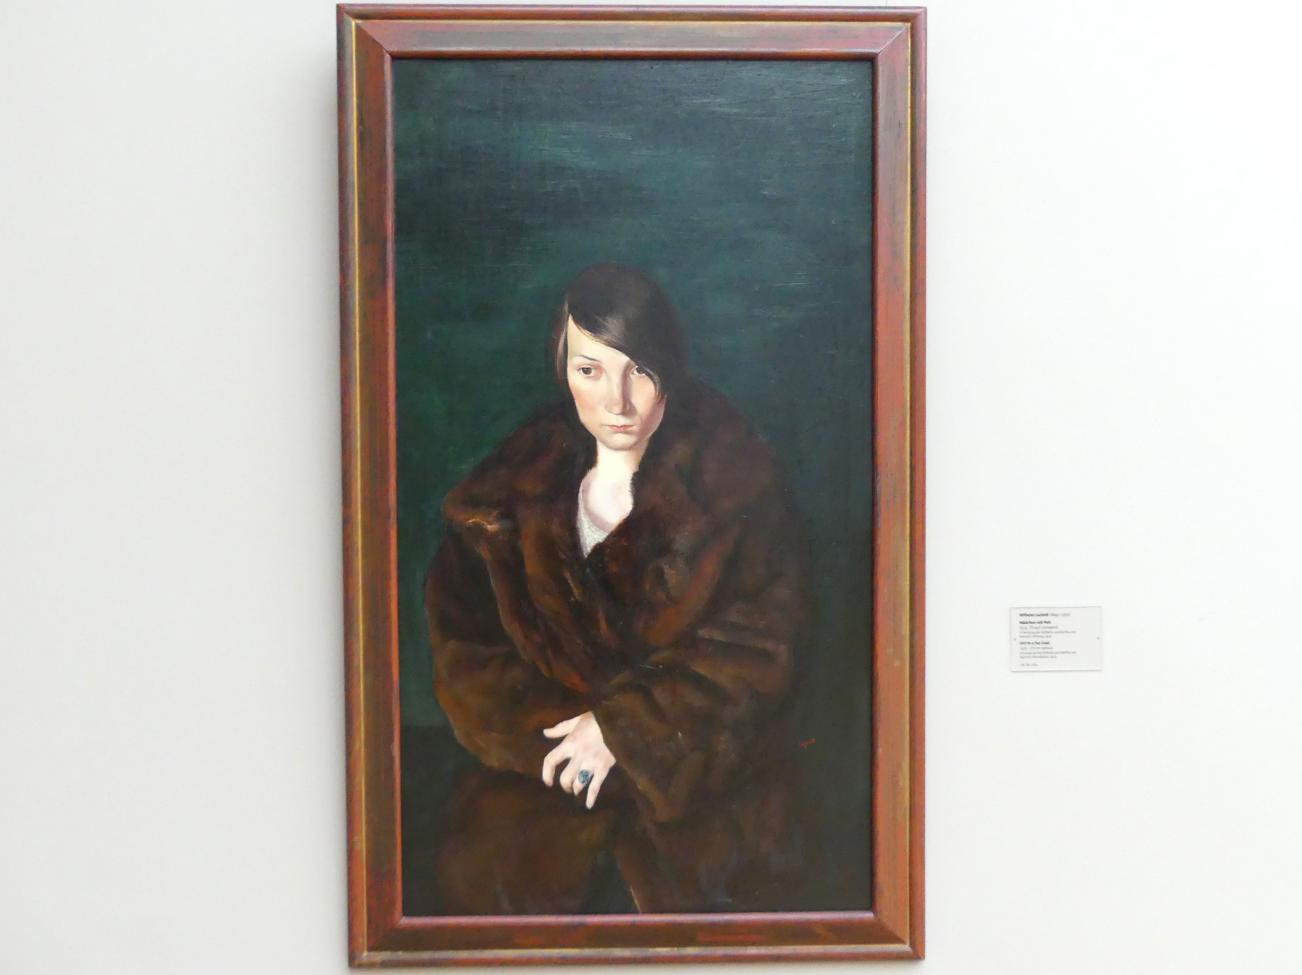 Wilhelm Lachnit: Mädchen mit Pelz, 1925